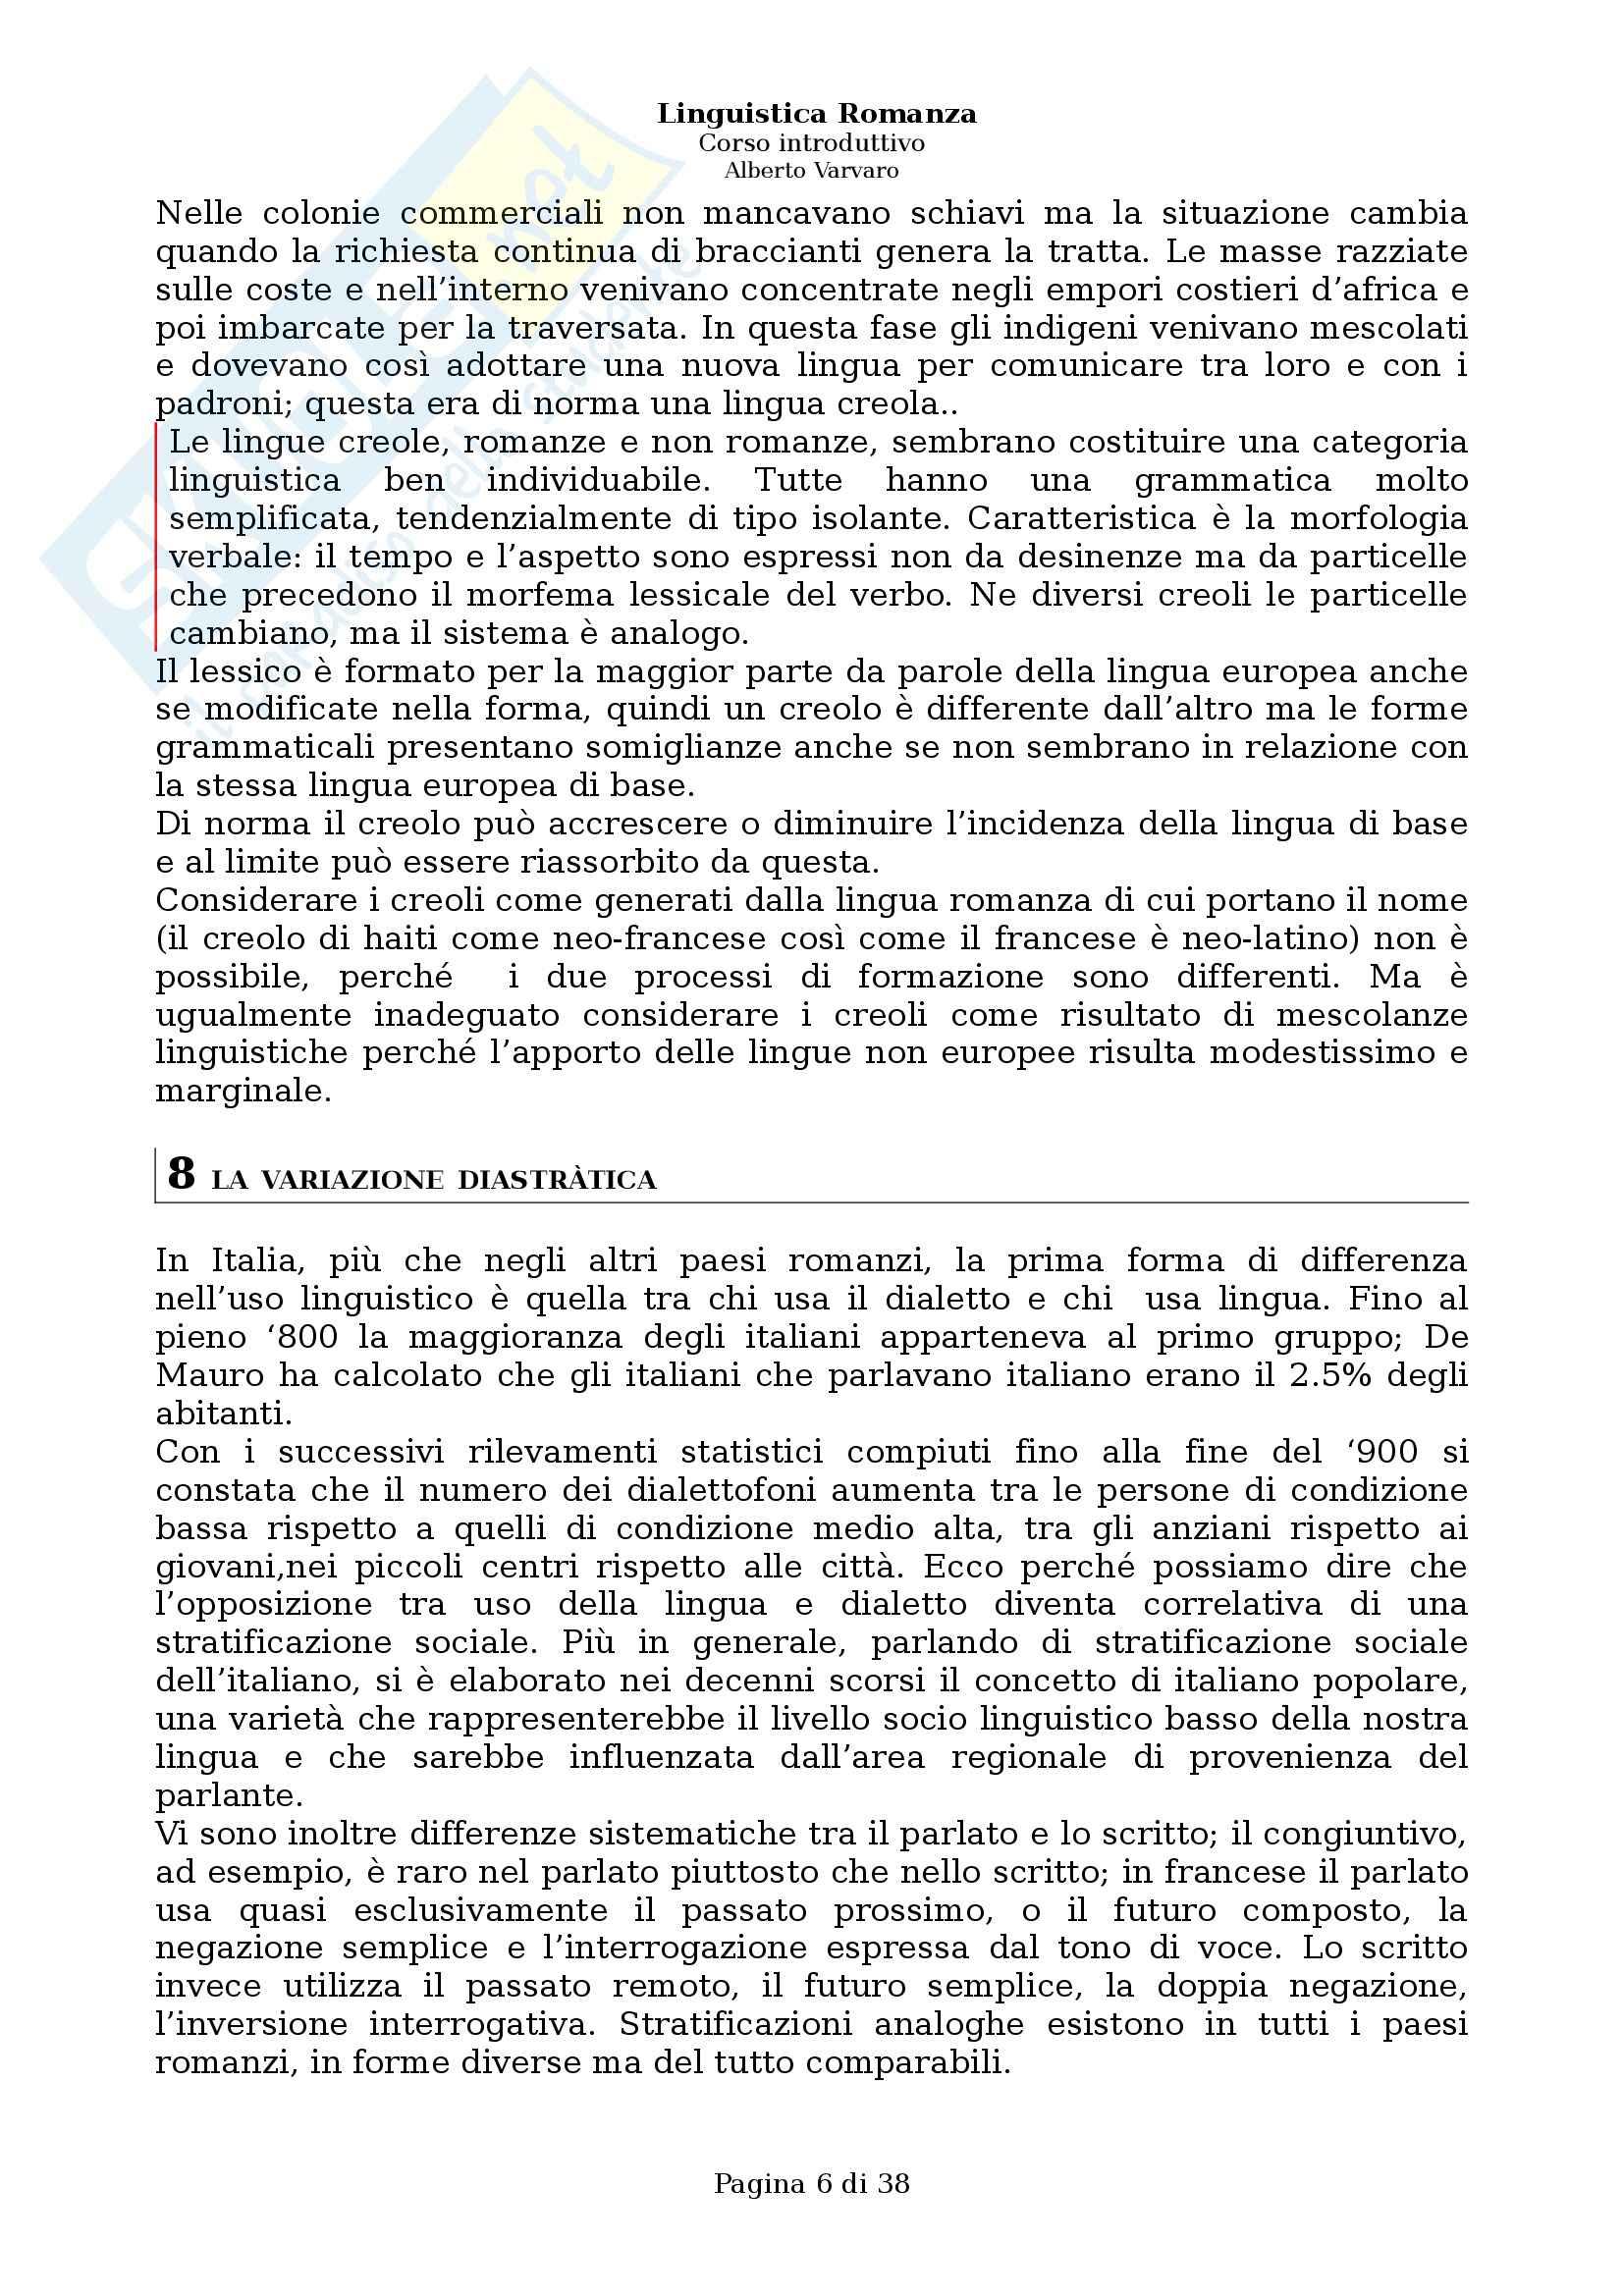 Riassunto esame Filologia e linguistica romanza, Linguistica romanza: Corso introduttivo, A. Varvaro, prof. Asperti Pag. 6